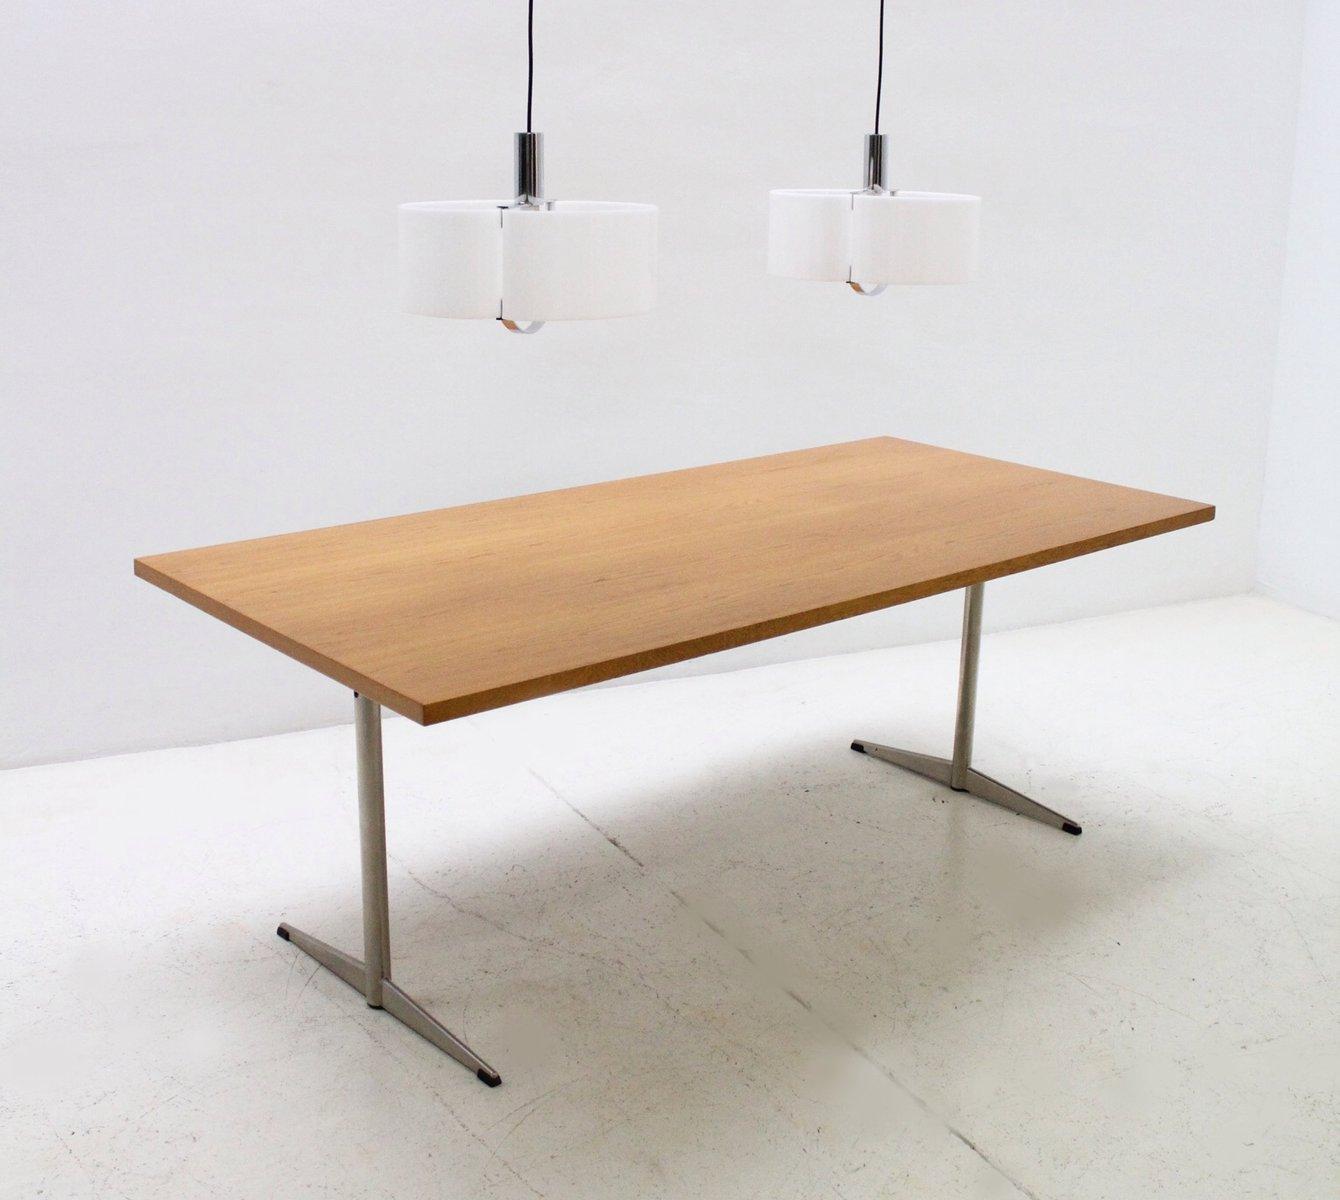 dänischer moderner eichenholz tisch, 1970er bei pamono kaufen, Esstisch ideennn